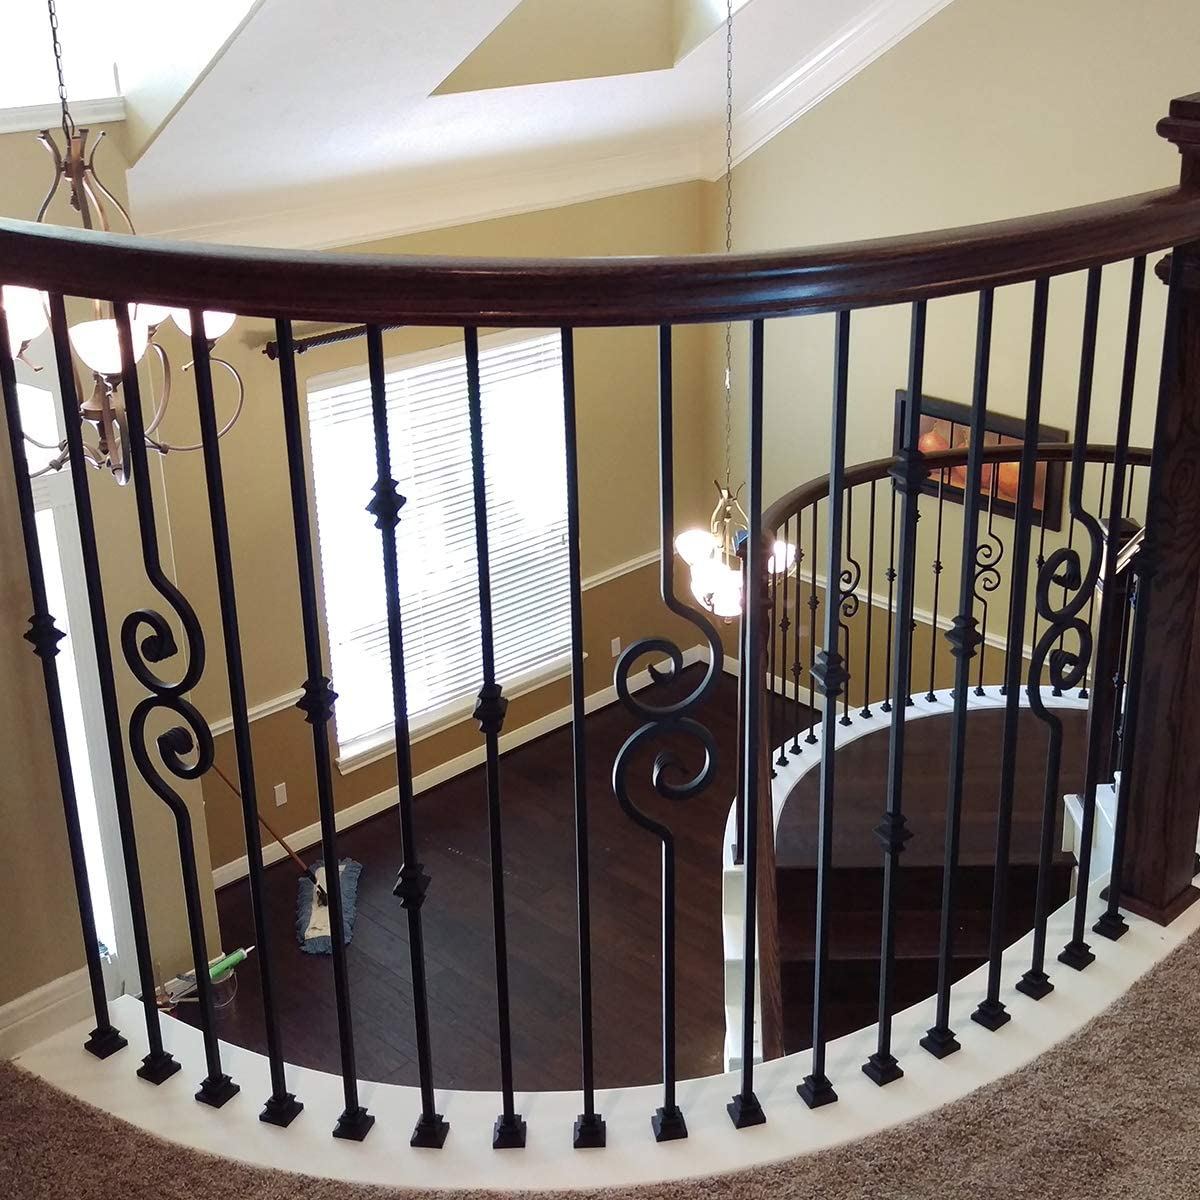 Balaustres de hierro para escalera con doble pergamino contemporáneo (10 unidades) para escaleras, moderno, hueco, nautilus, pergamino, ejes de metal (negro satinado): Amazon.es: Bricolaje y herramientas